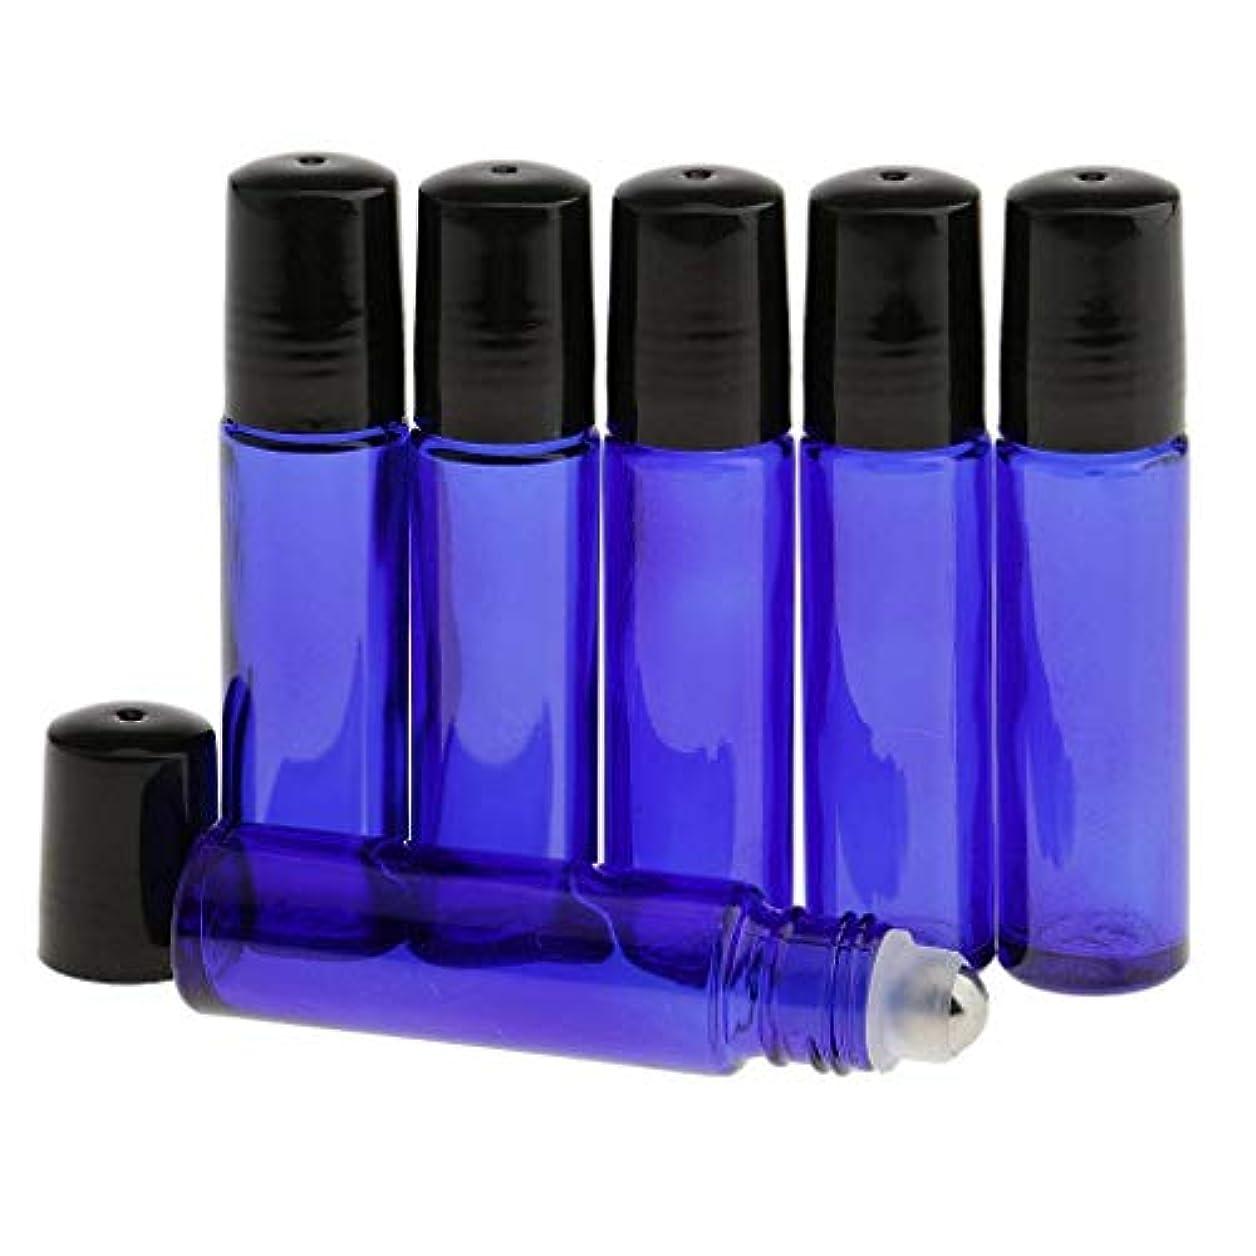 シャッター眠っているシャイMini Rainbow ロールオンボトル 遮光瓶 ガラスロールタイプ 6 本セット (ブルー)